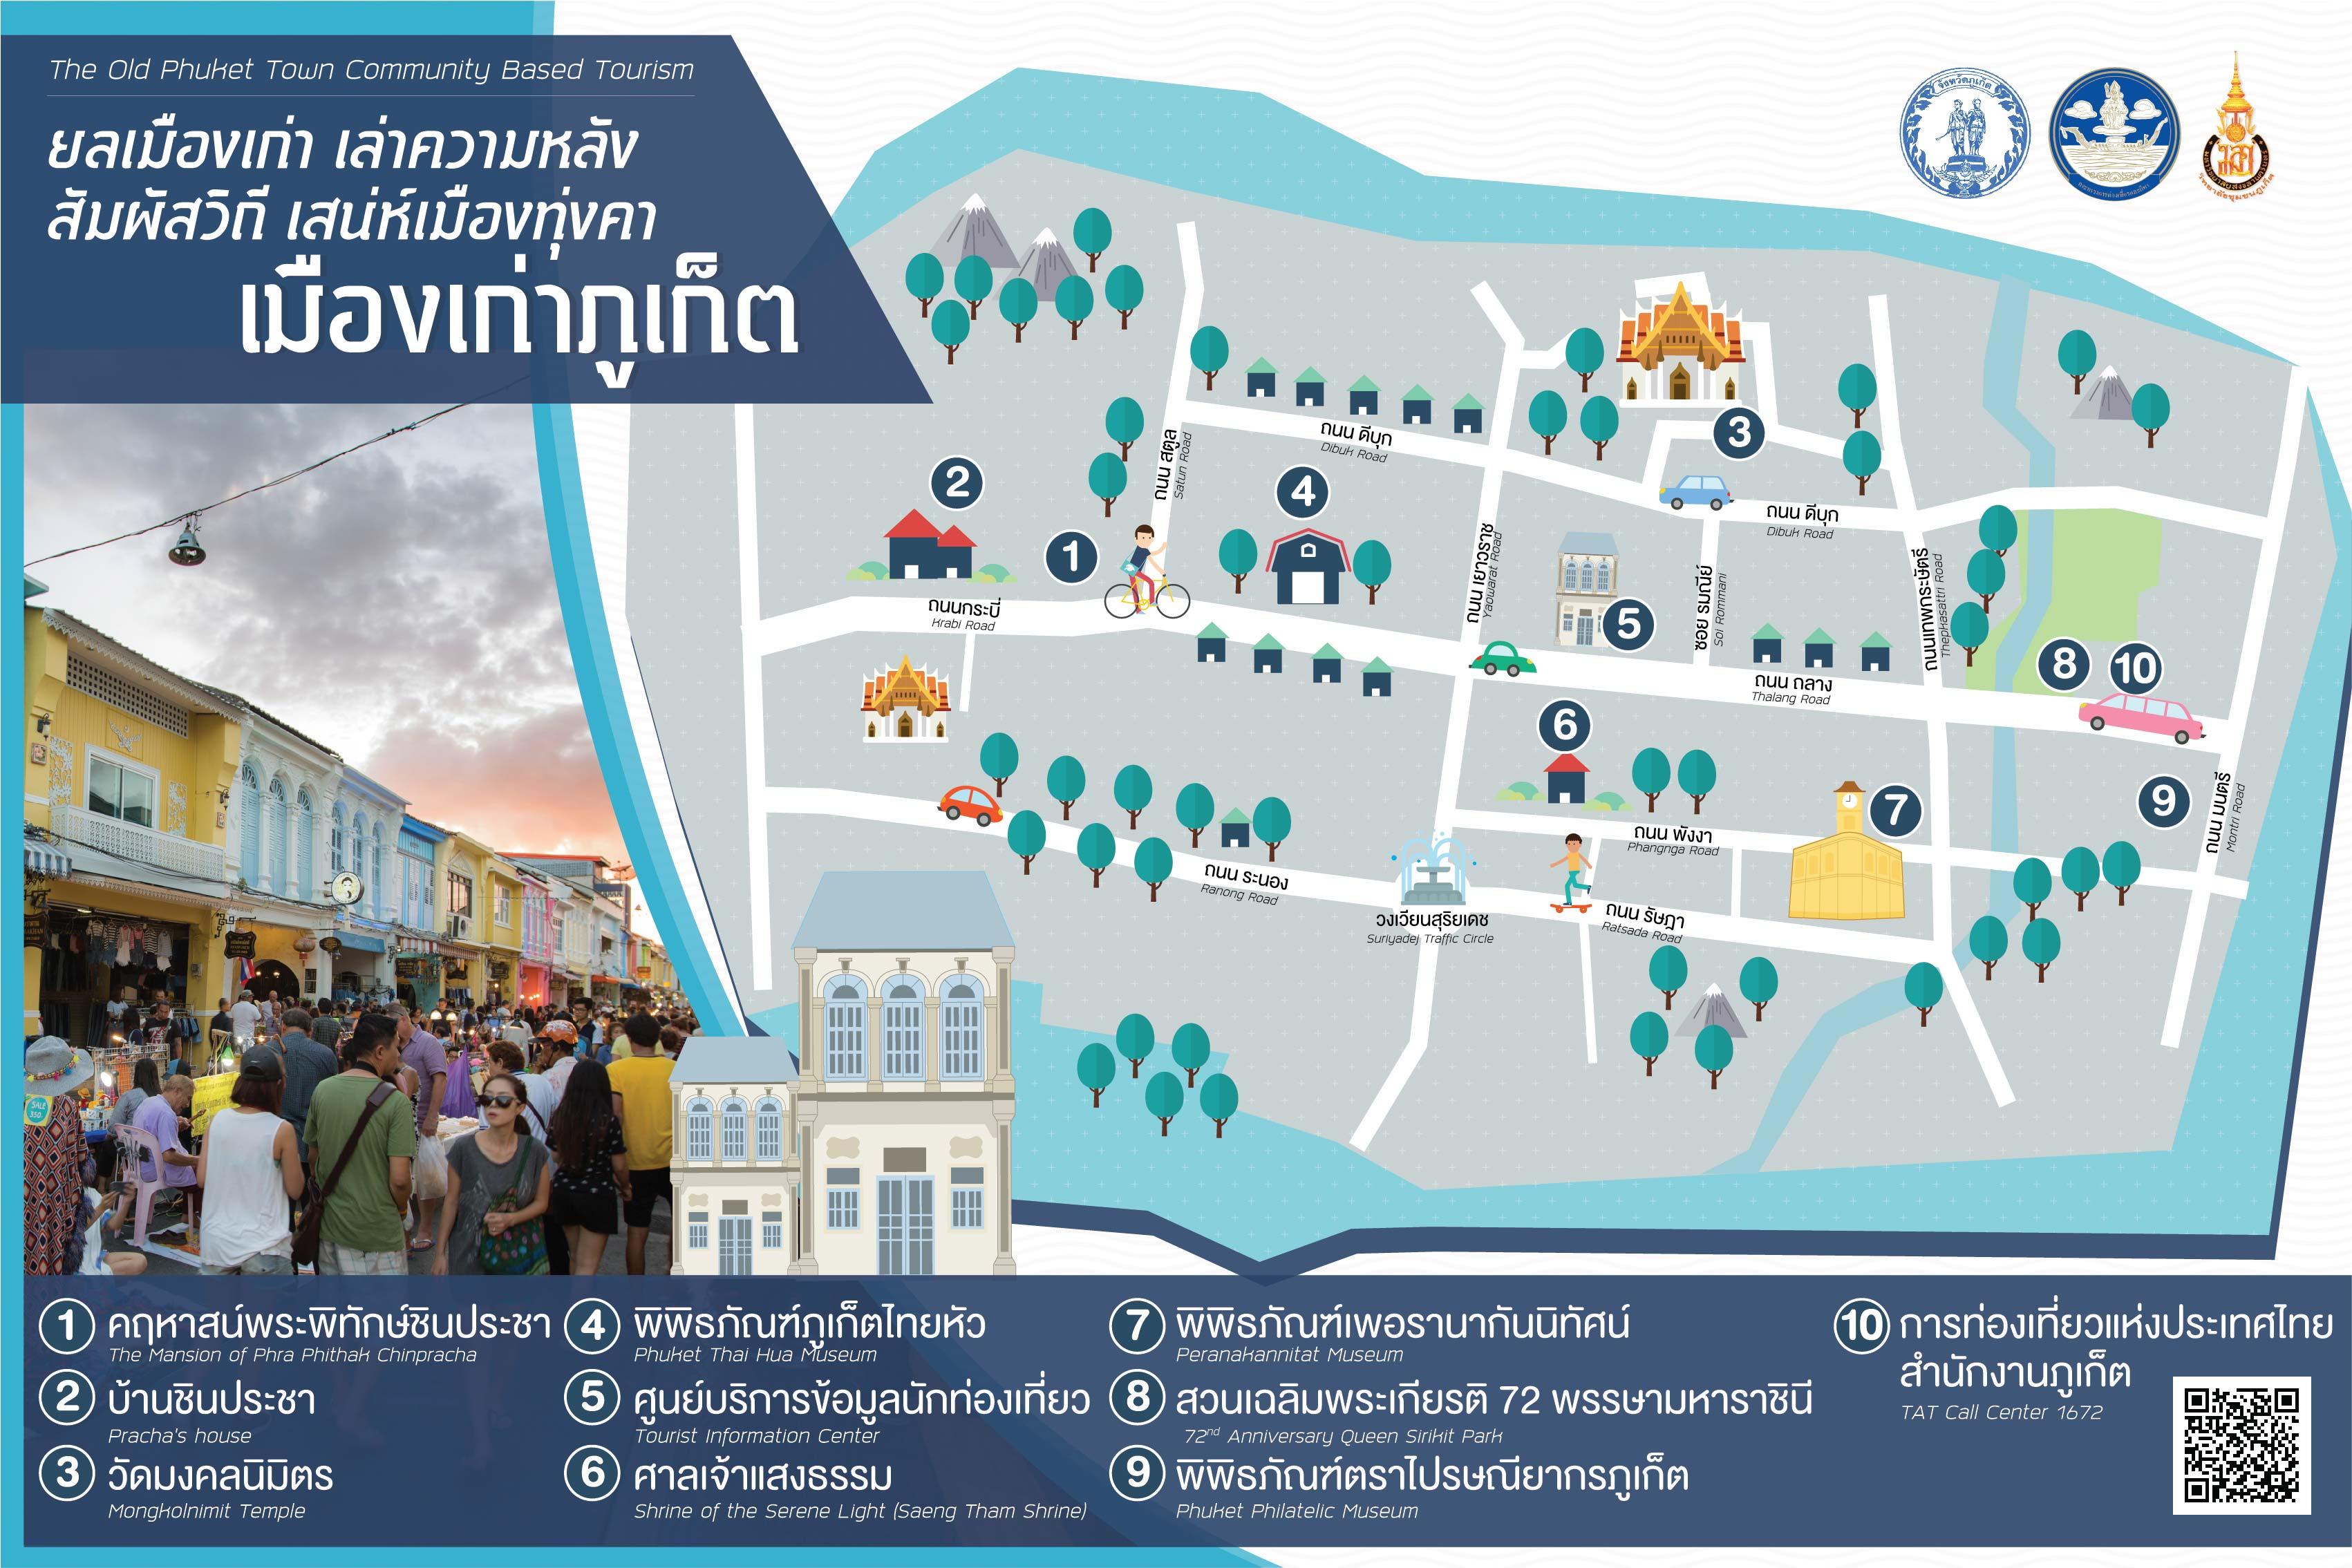 ชุมชนย่านเมืองเก่าภูเก็ต The Old Phuket Town Community